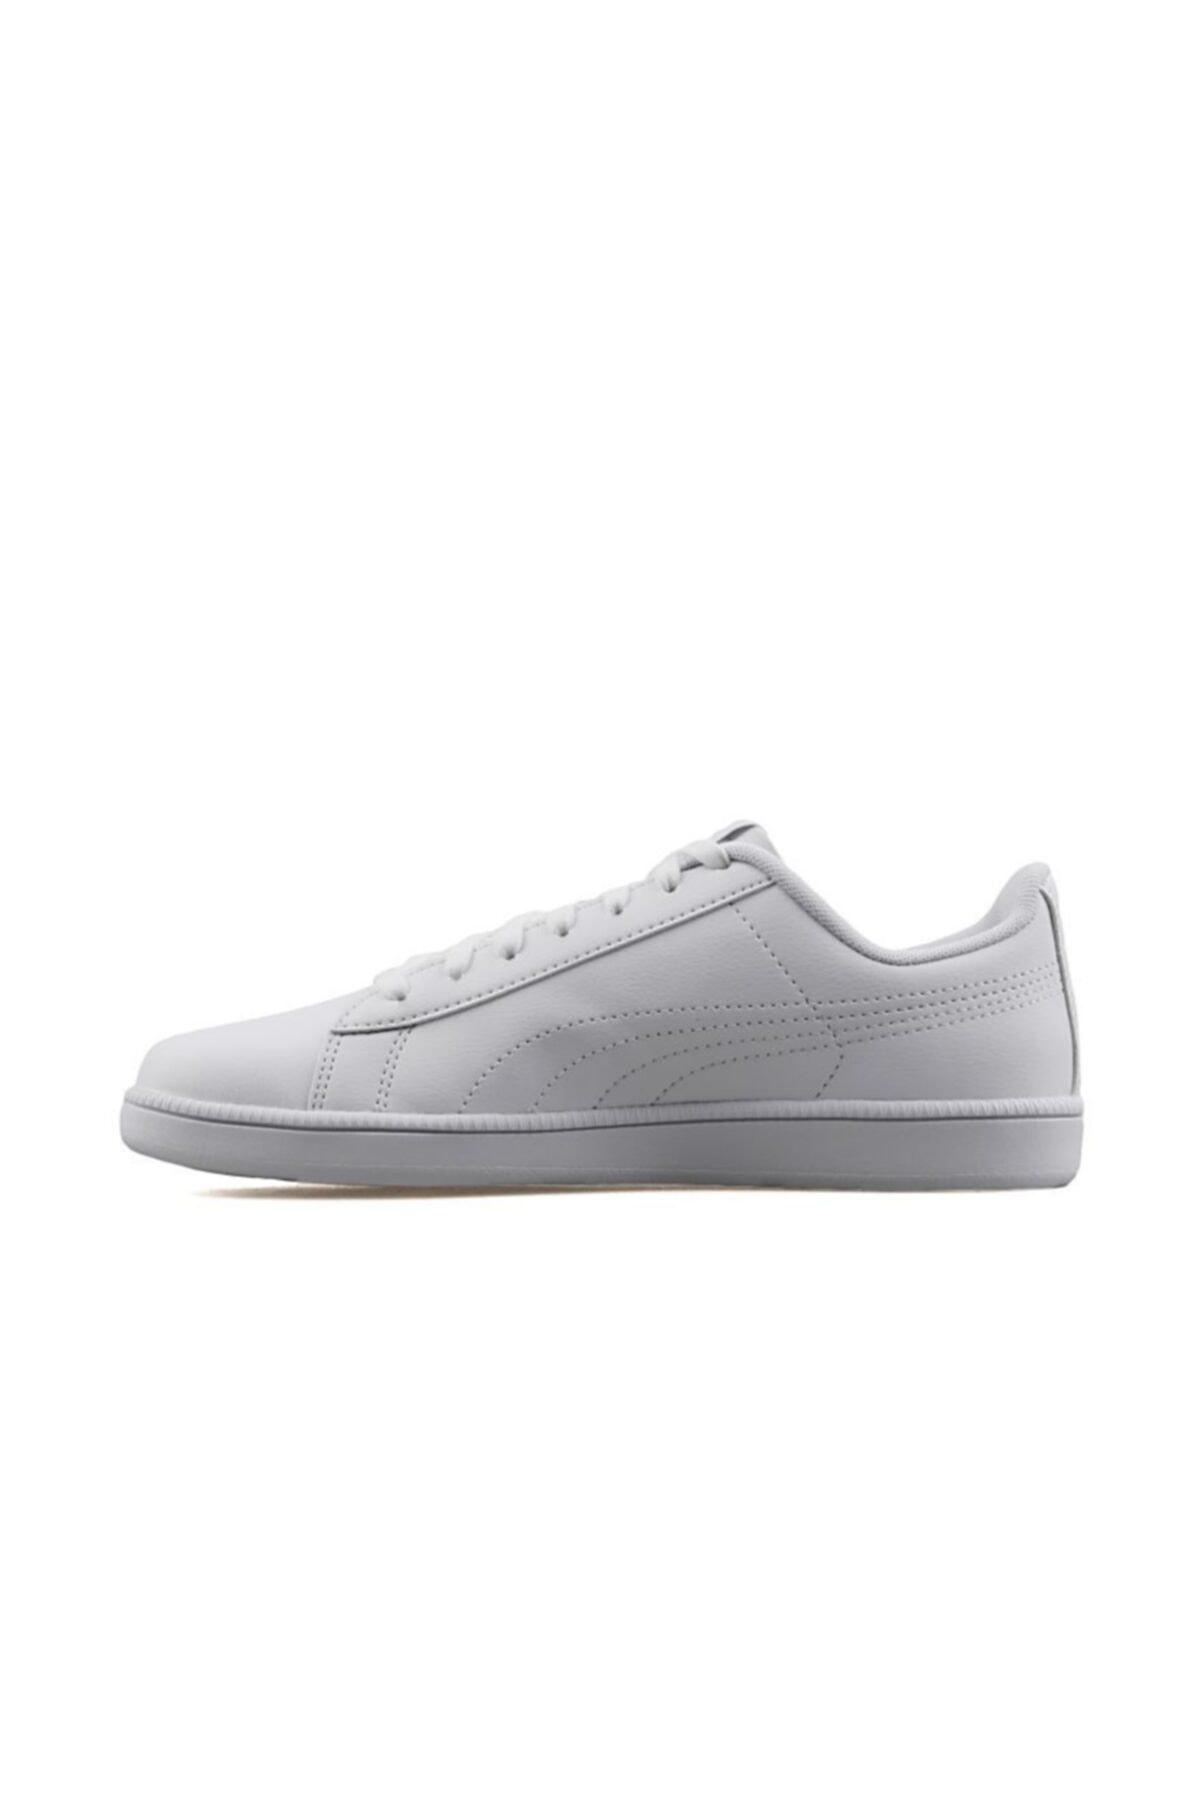 Puma Ayakkabı Up 37260505 1